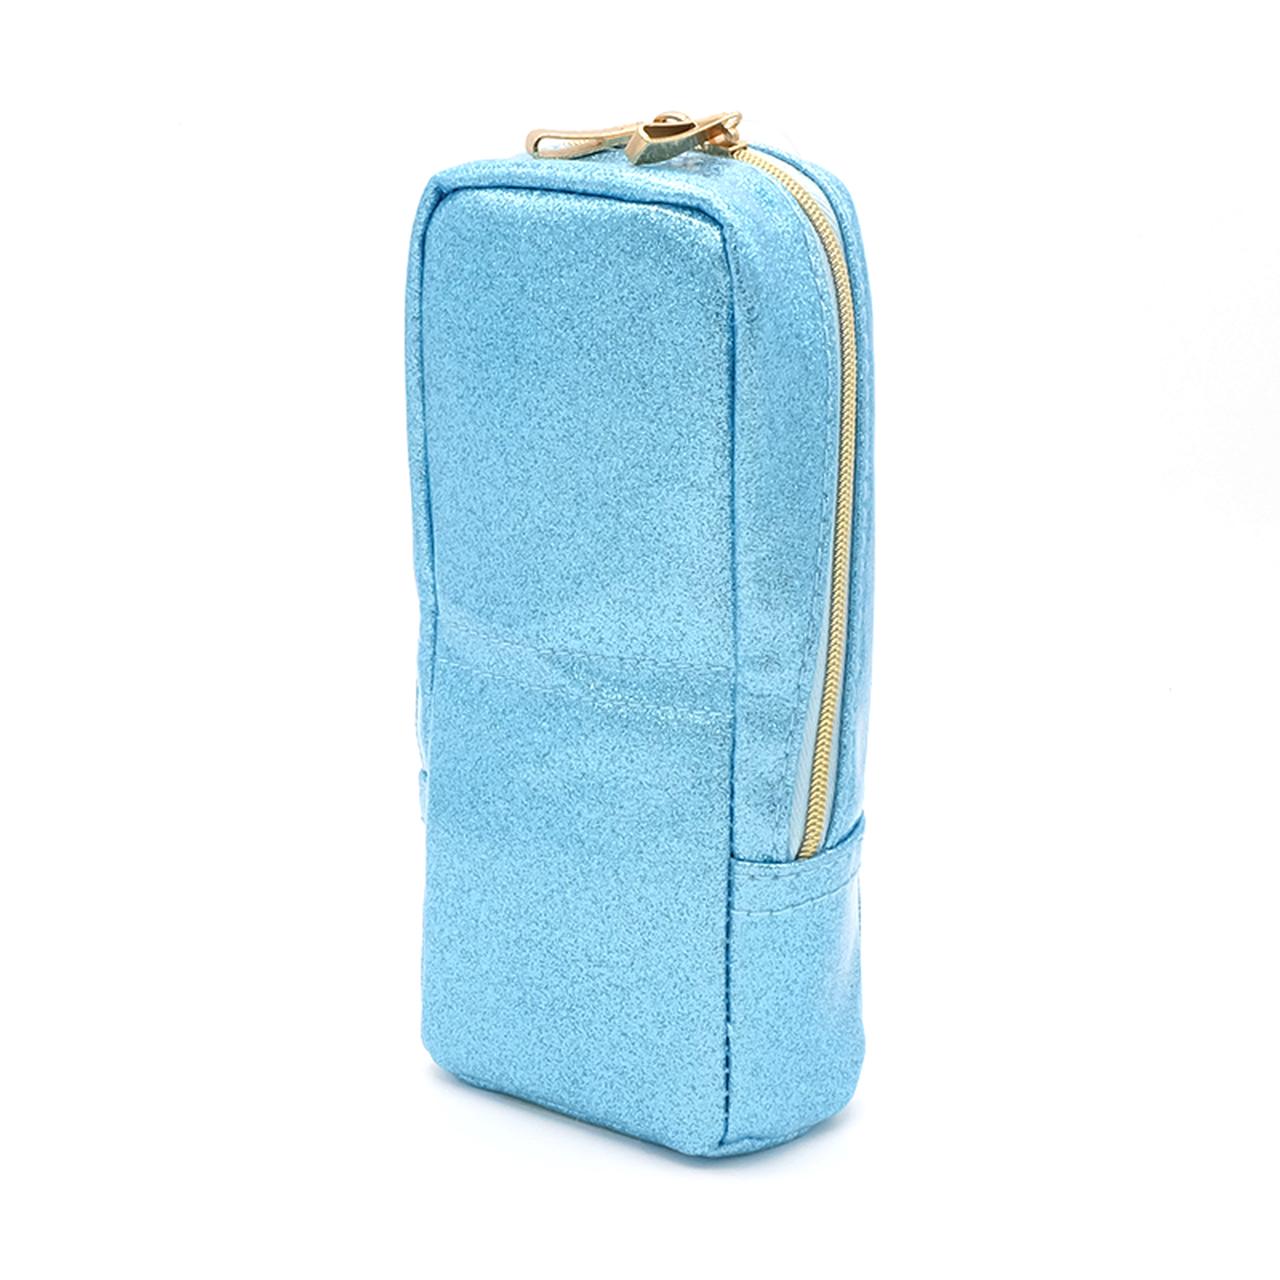 ペンケース タテモ 限定ブルー  PCT201S-160-L